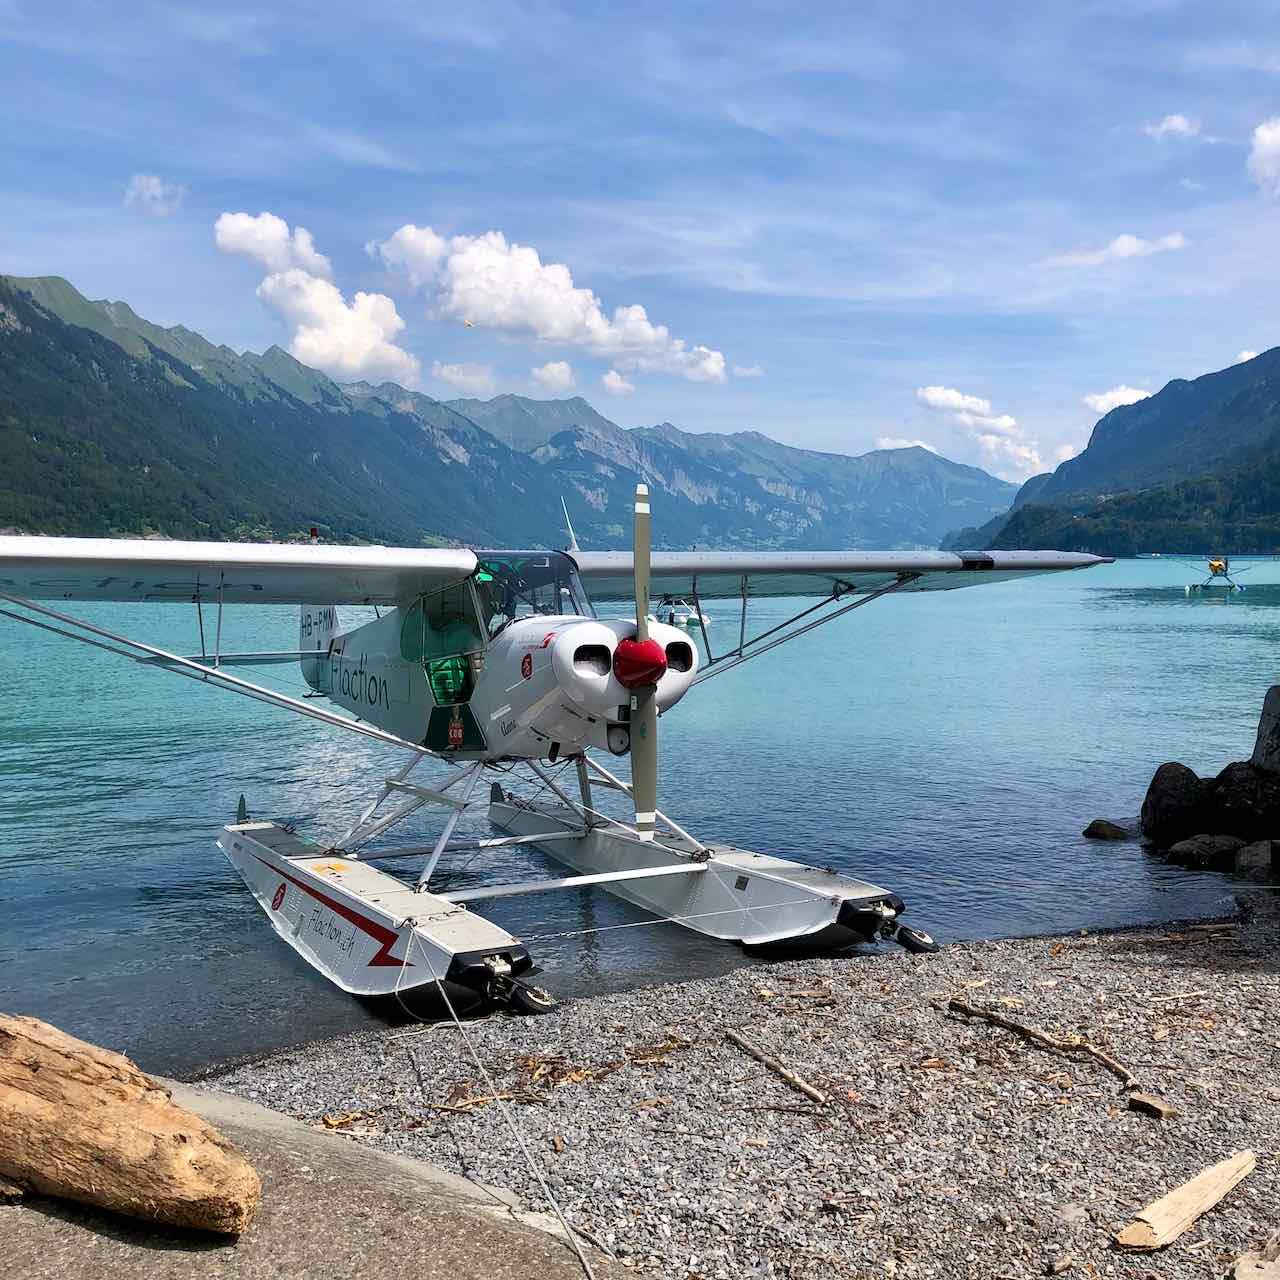 Wasserflugzeuge 2020 - 10 von 15.jpeg